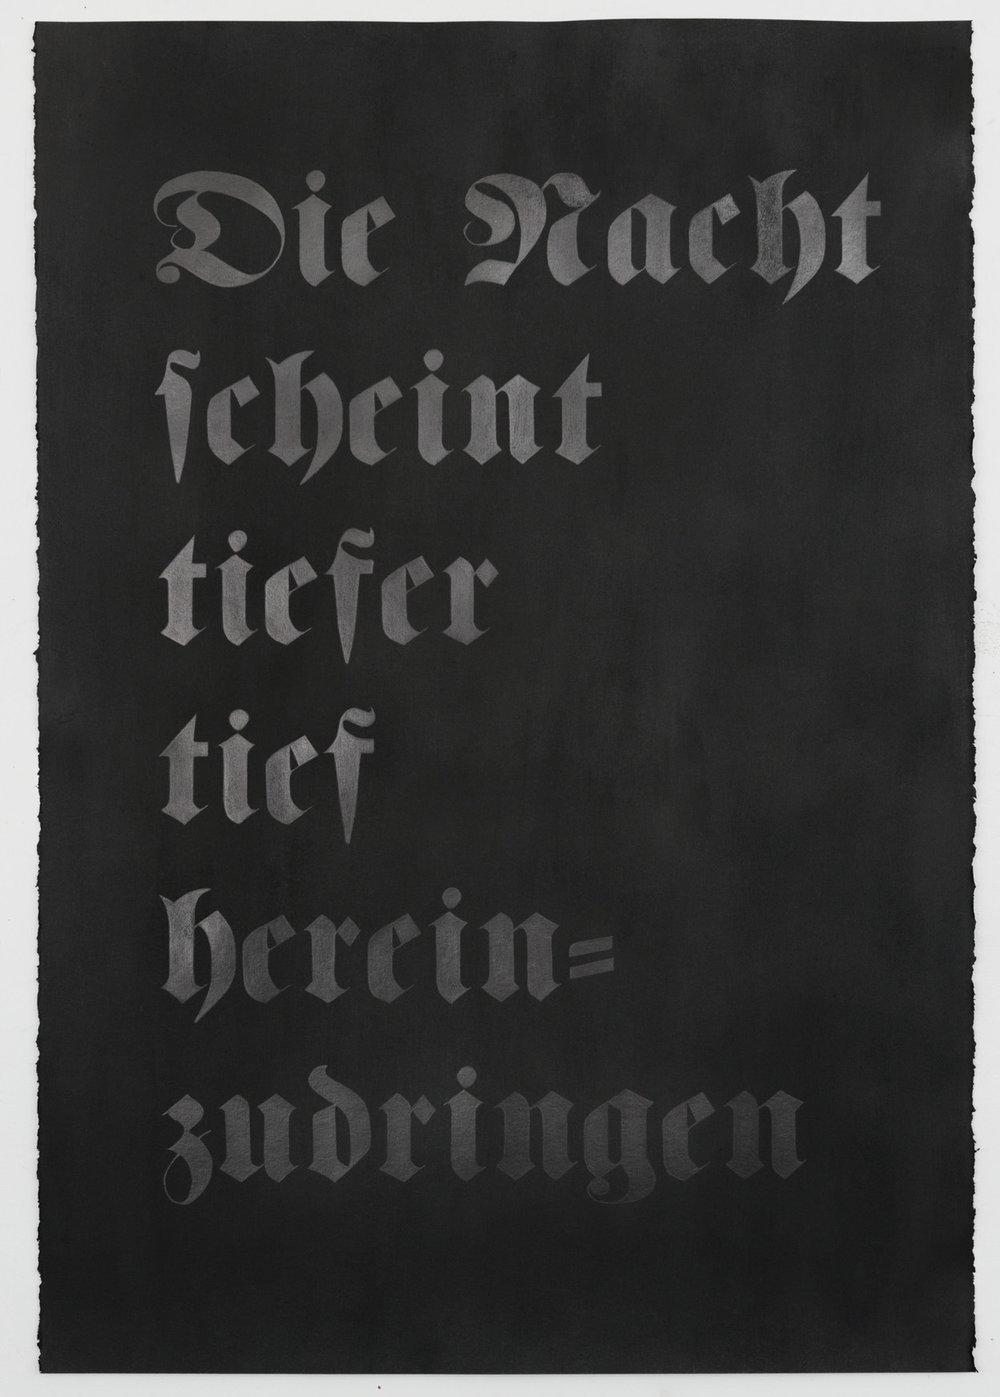 Carl Trahan, Die Natcht scheint tiefer tief hereinzudringen , 2017, graphite on paper.